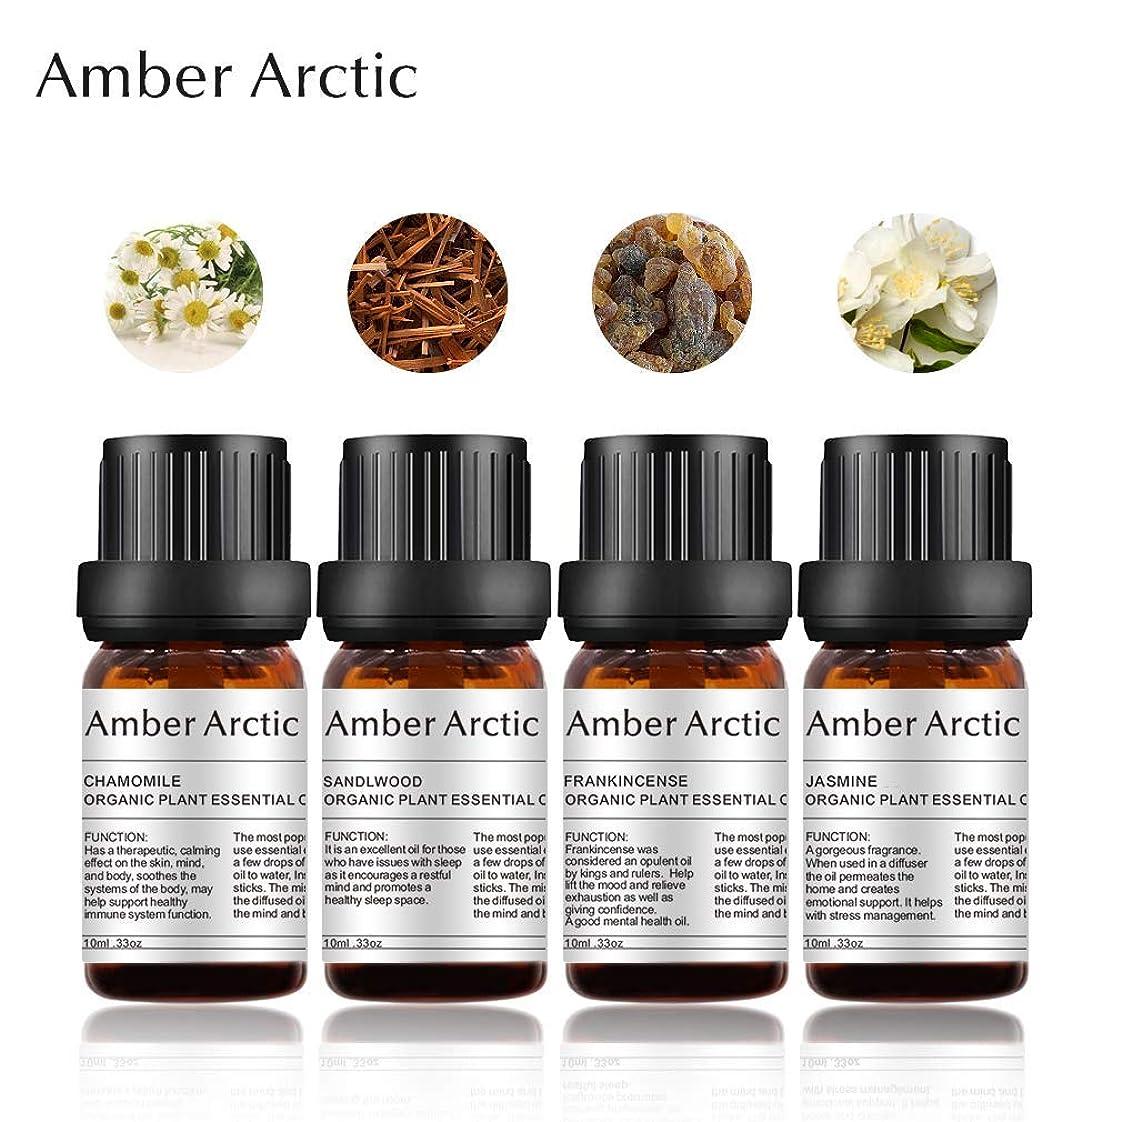 コイルモナリザオープニングAmber Arctic 4 パック 精油 セット、 100% 純粋 天然 アロマ 最良 治療 グレード エッセンシャル オイル (ジャスミン、 カモミール、 サンダルウッド、 フランキンセンス)